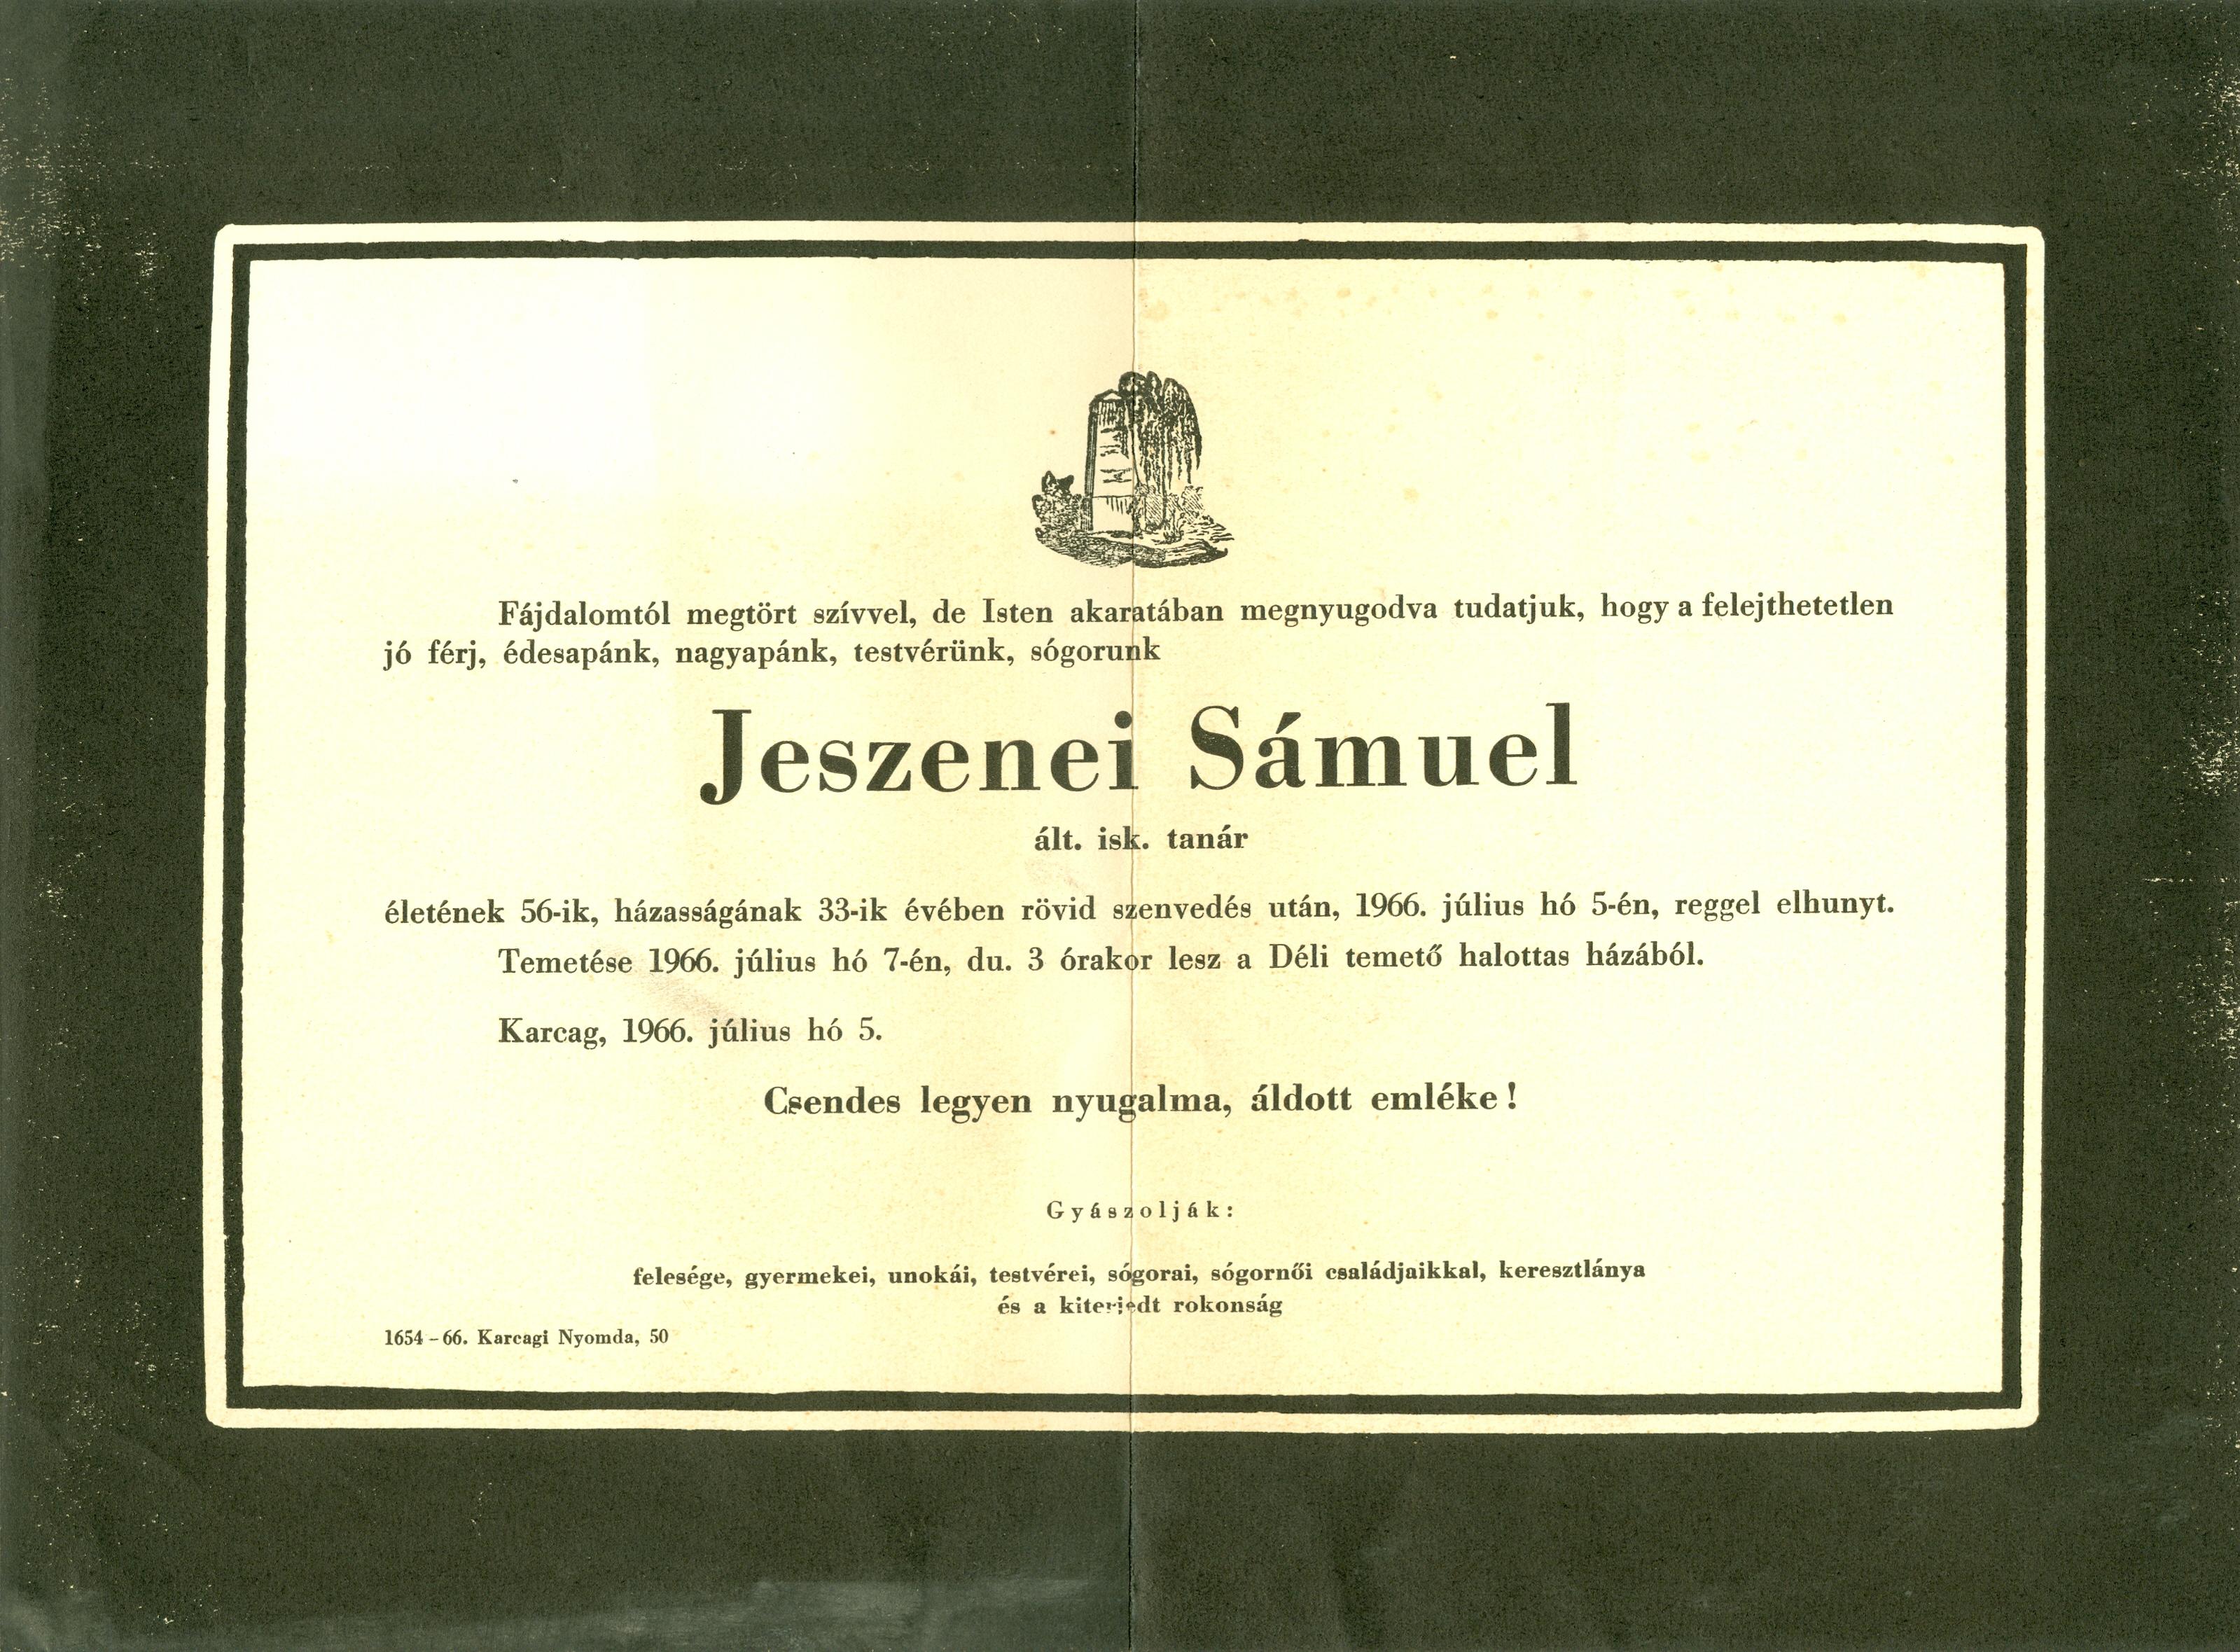 Jeszenei Sámuel